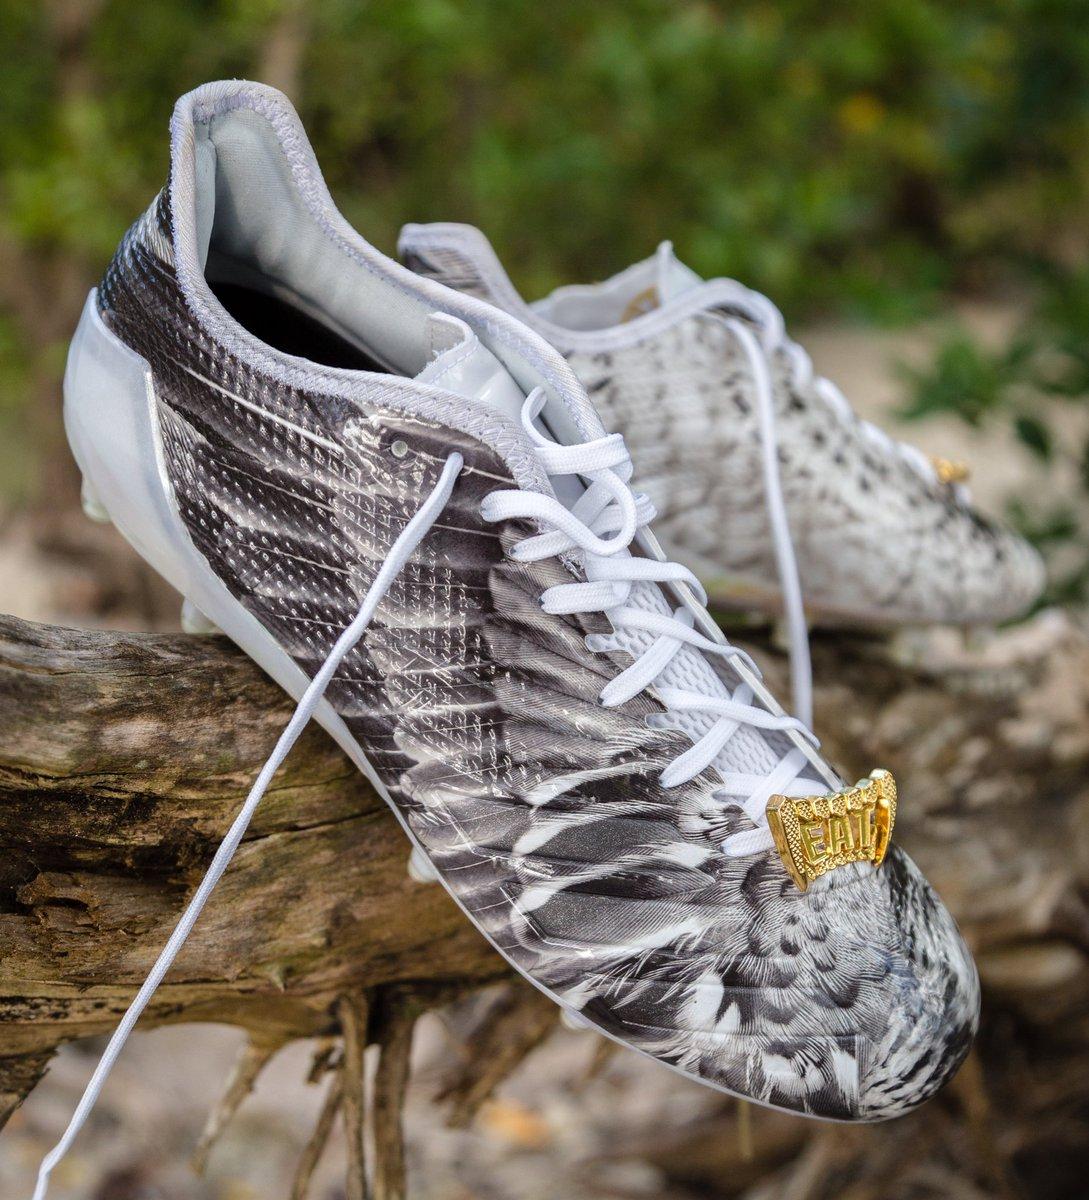 Adidas Adizero 5 Stjerners 6,0 Uncaged